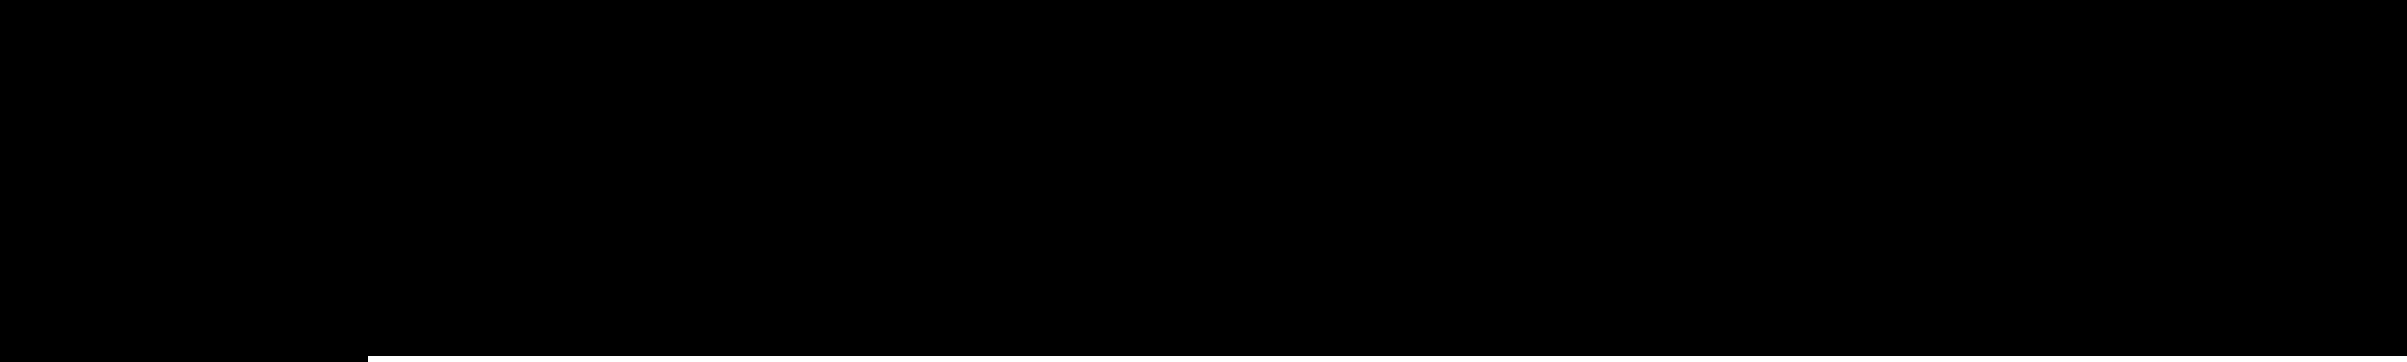 altaco stone